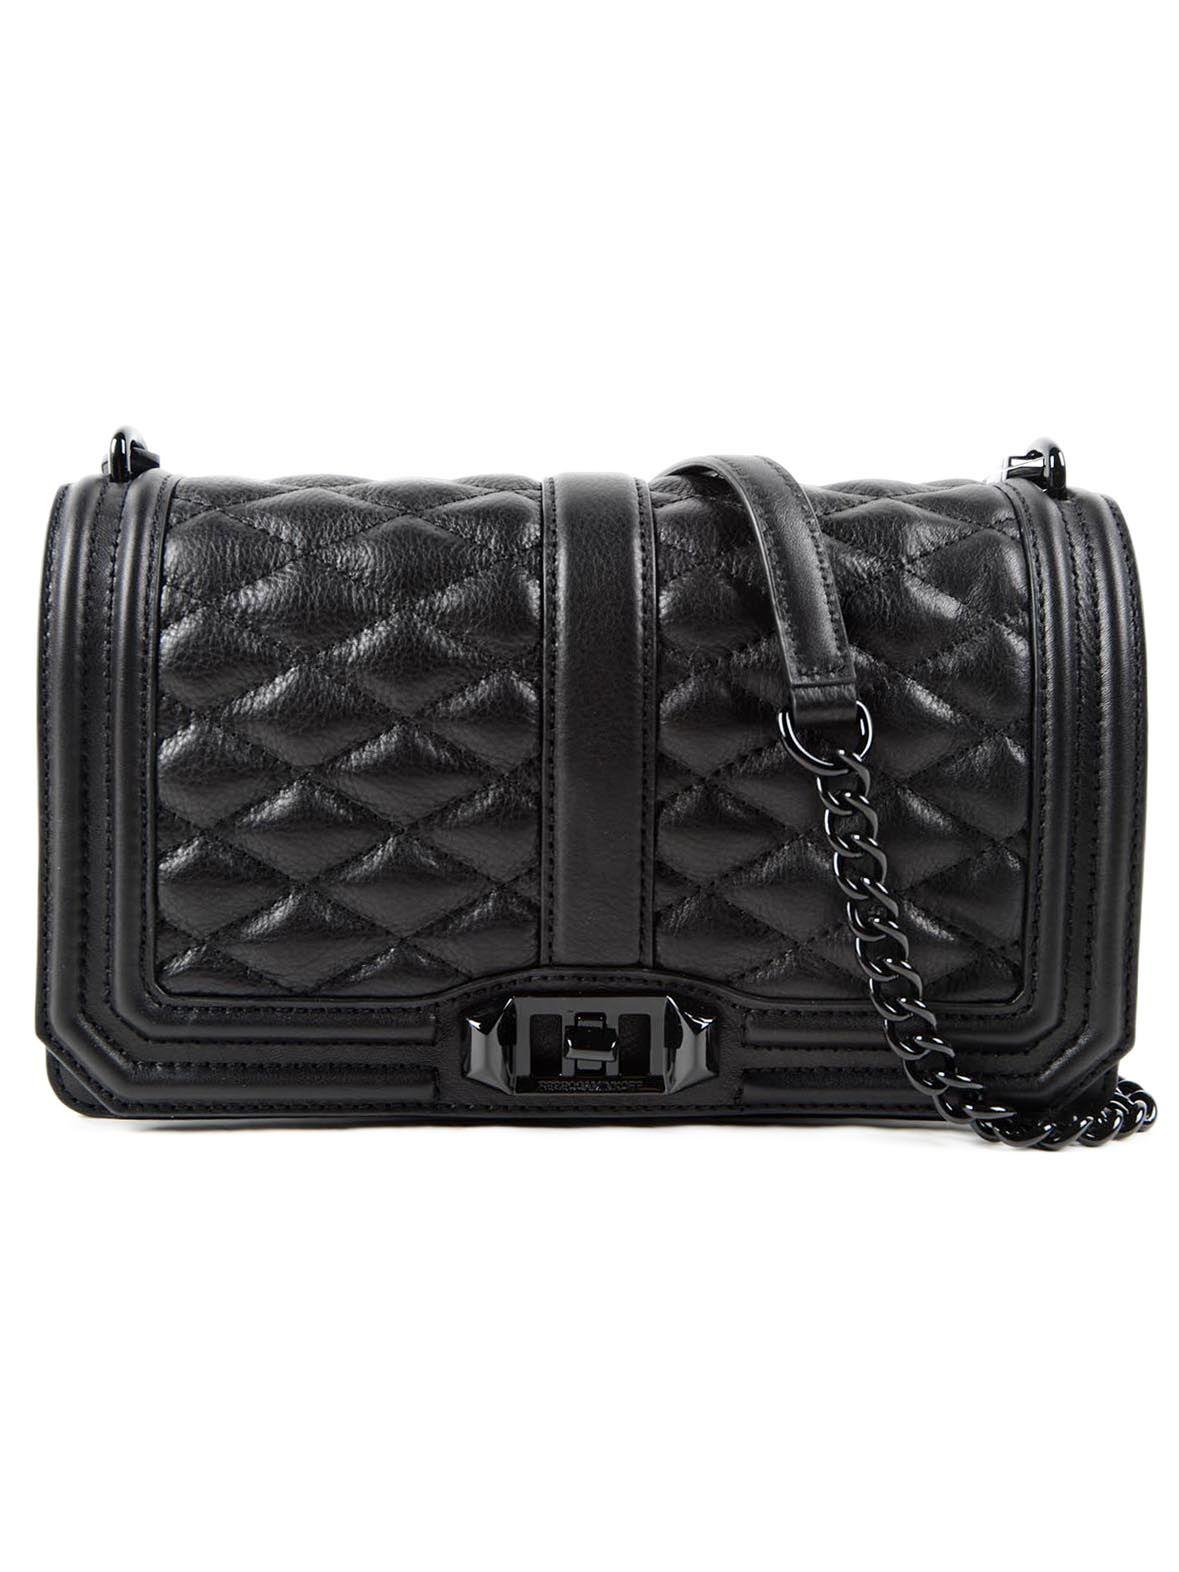 Rebecca Minkoff Love Shoulder Bag